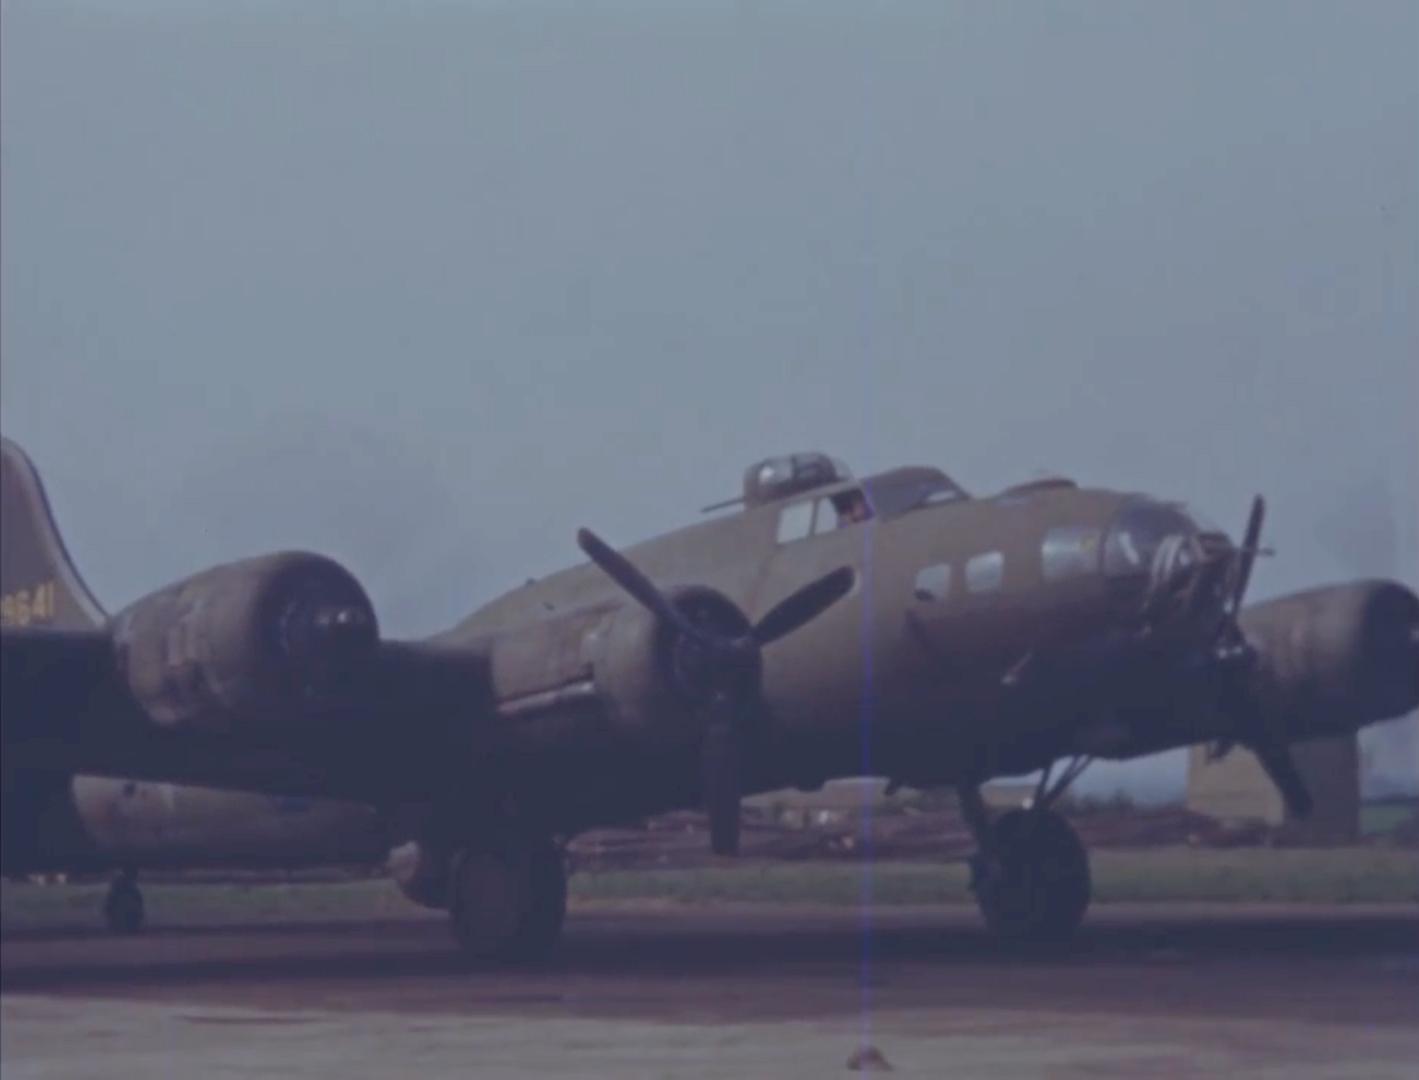 B-17 #42-29641 / Black Swan